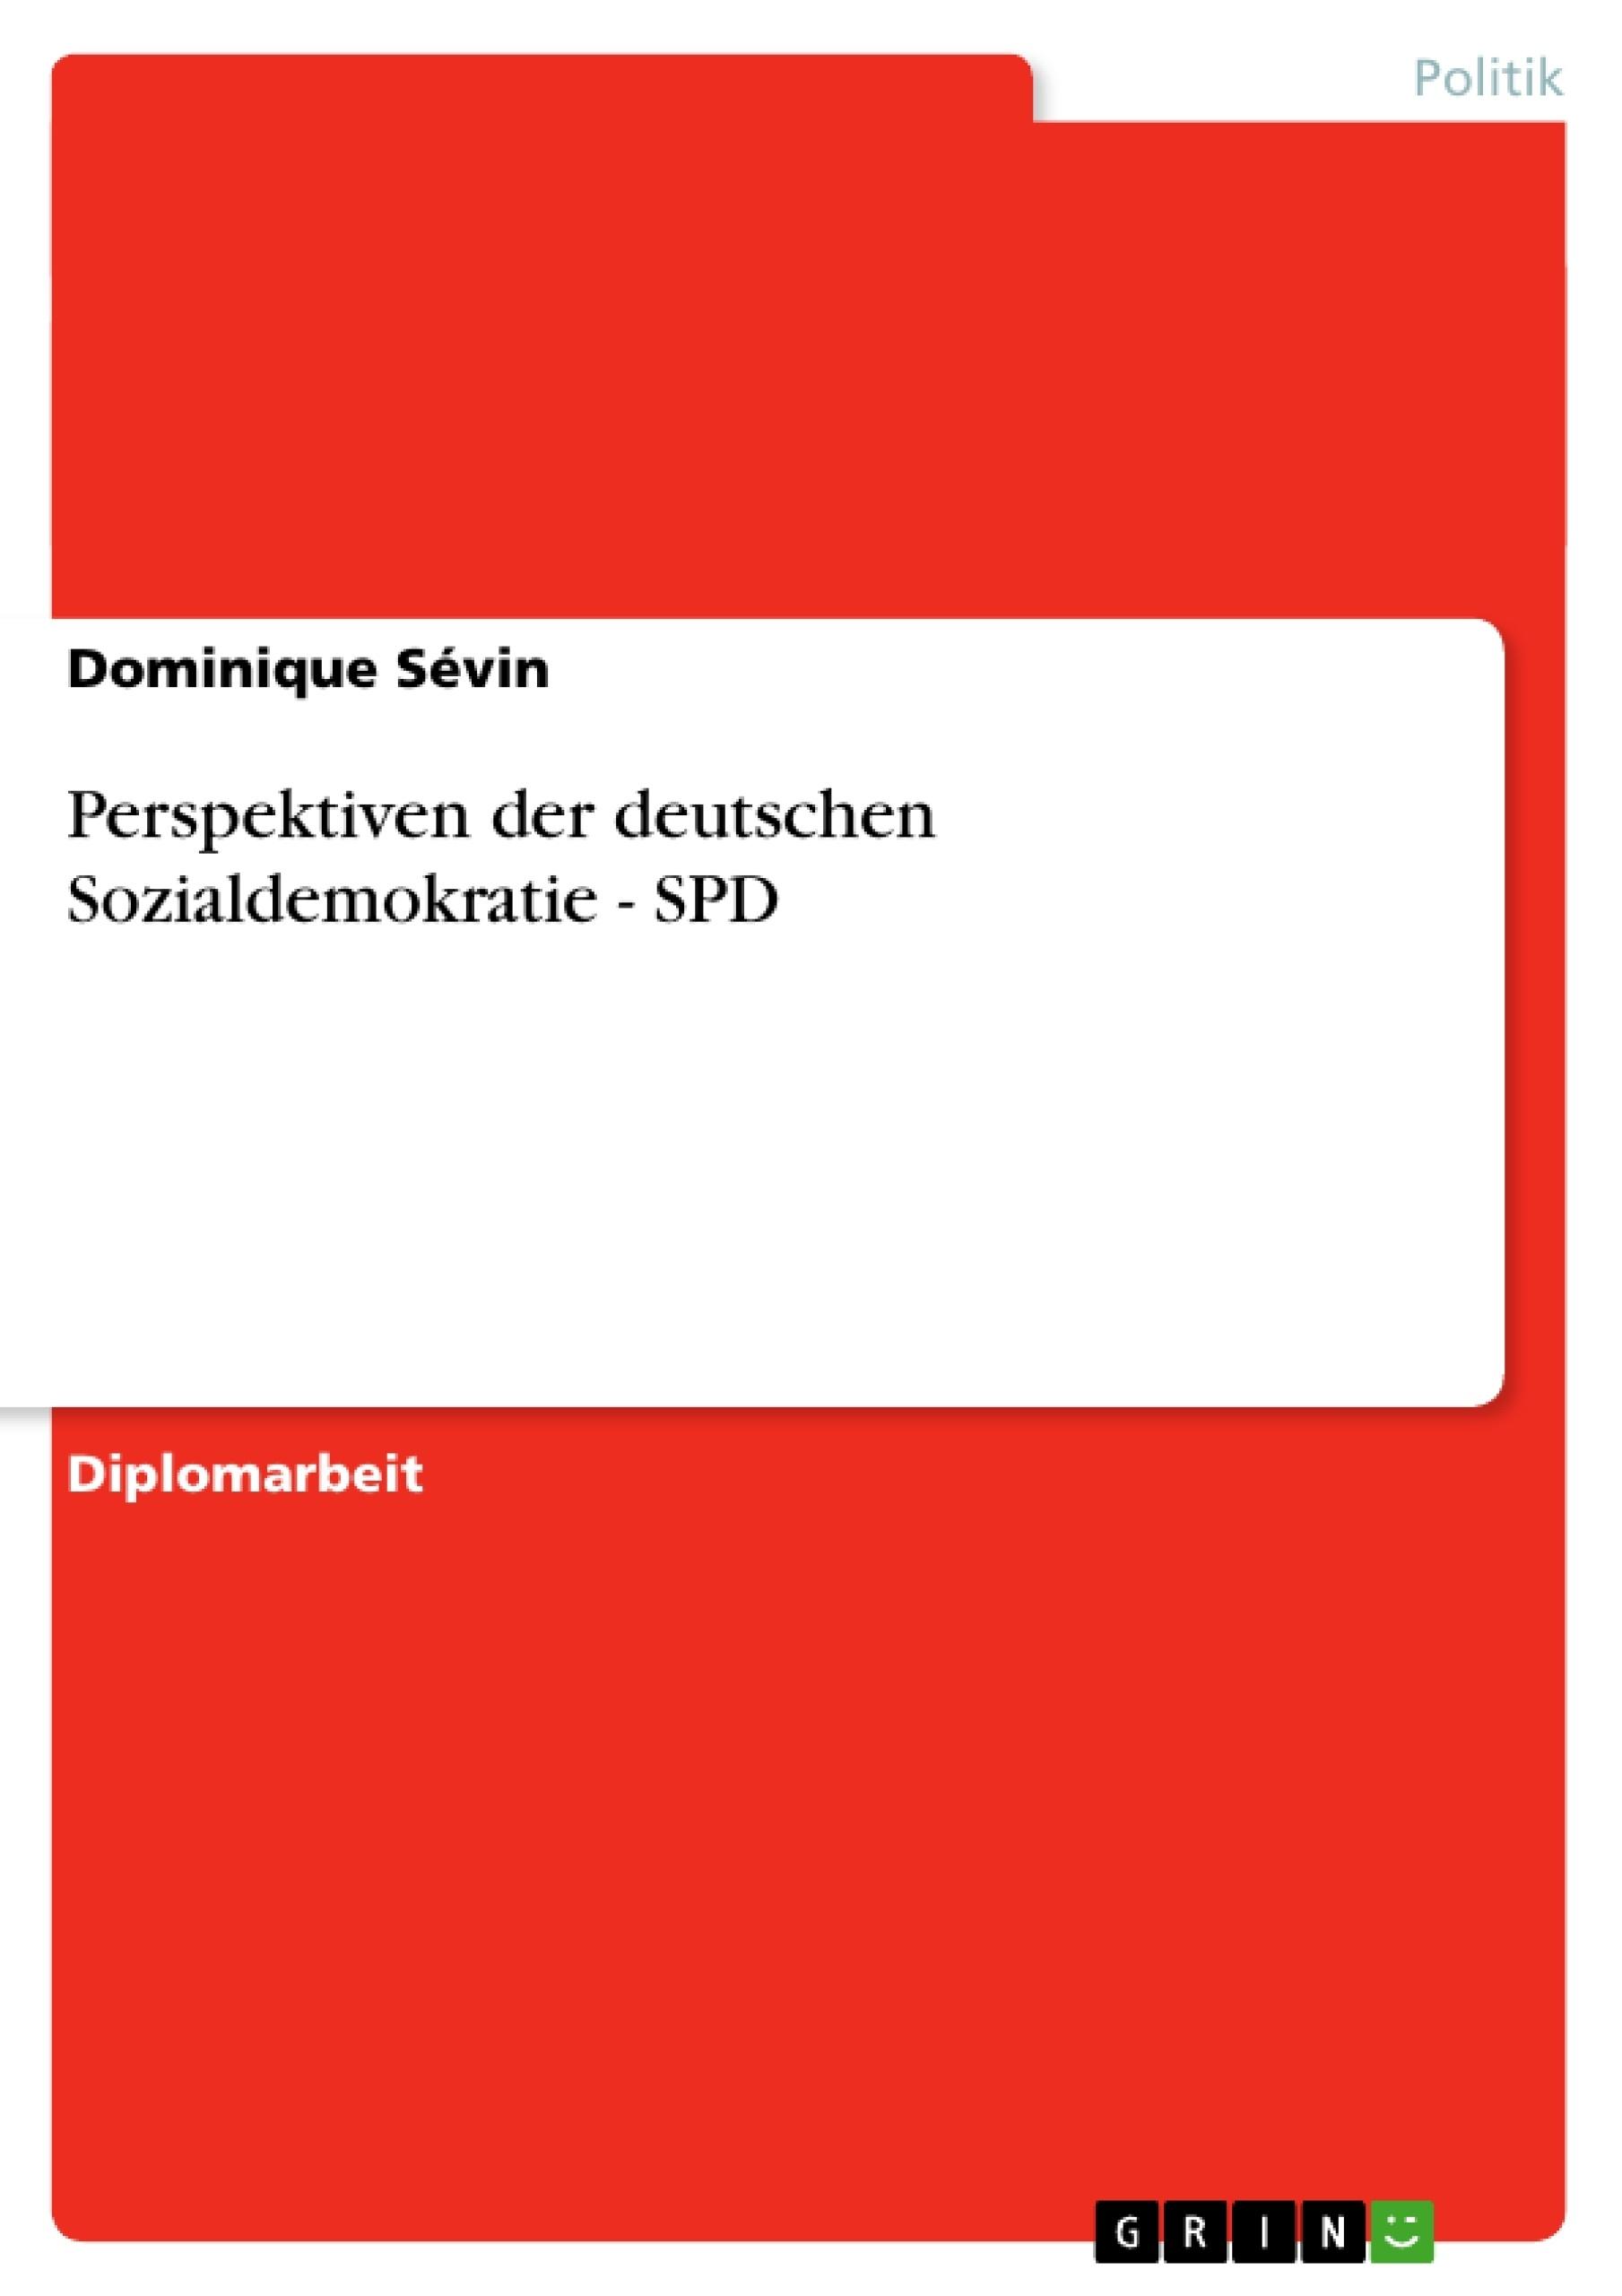 Titel: Perspektiven der deutschen Sozialdemokratie - SPD